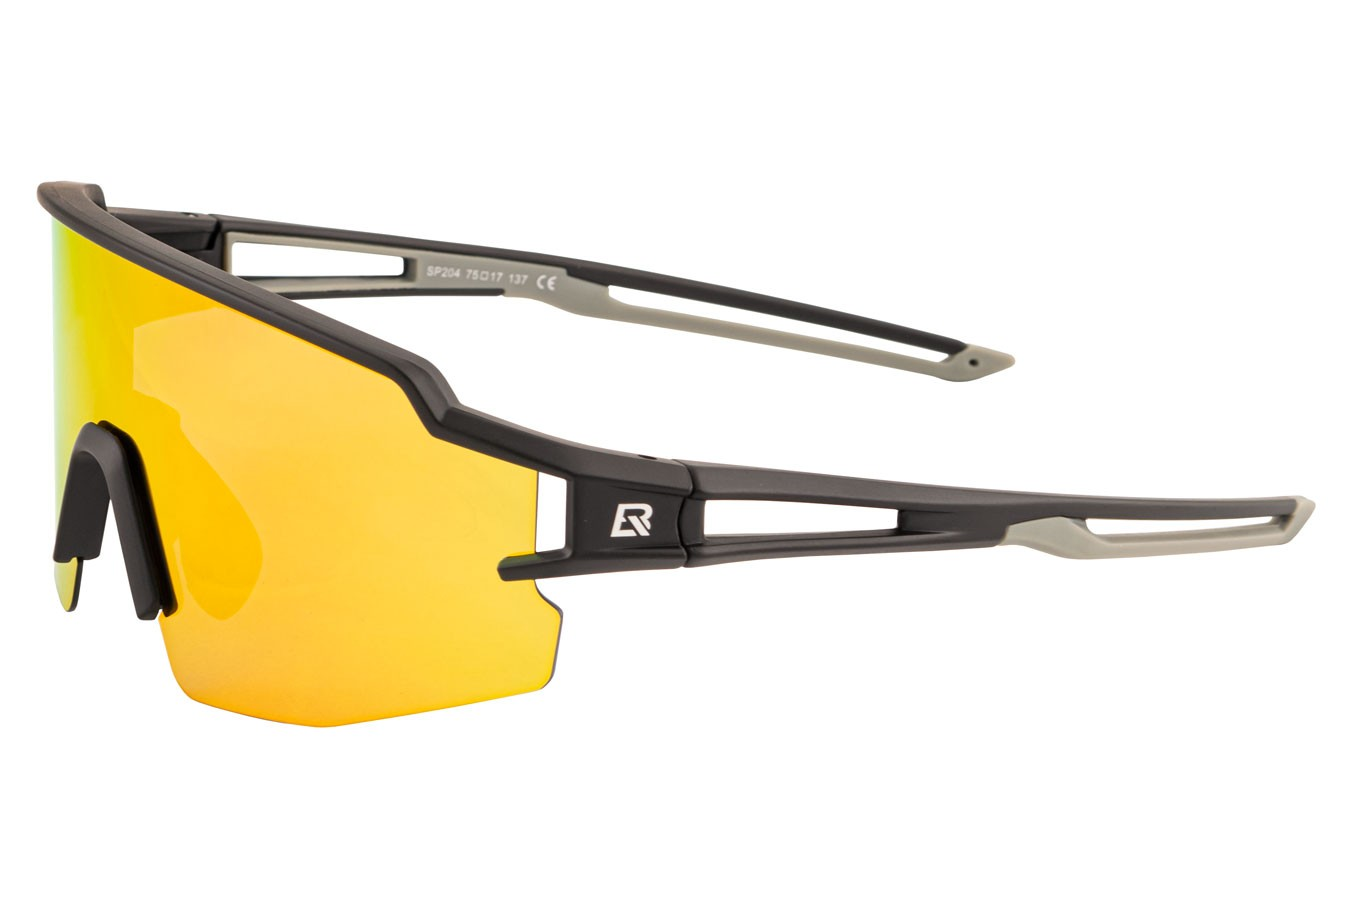 Óculos para ciclistas com lente polarizada Preto/Cinza - Rockbros